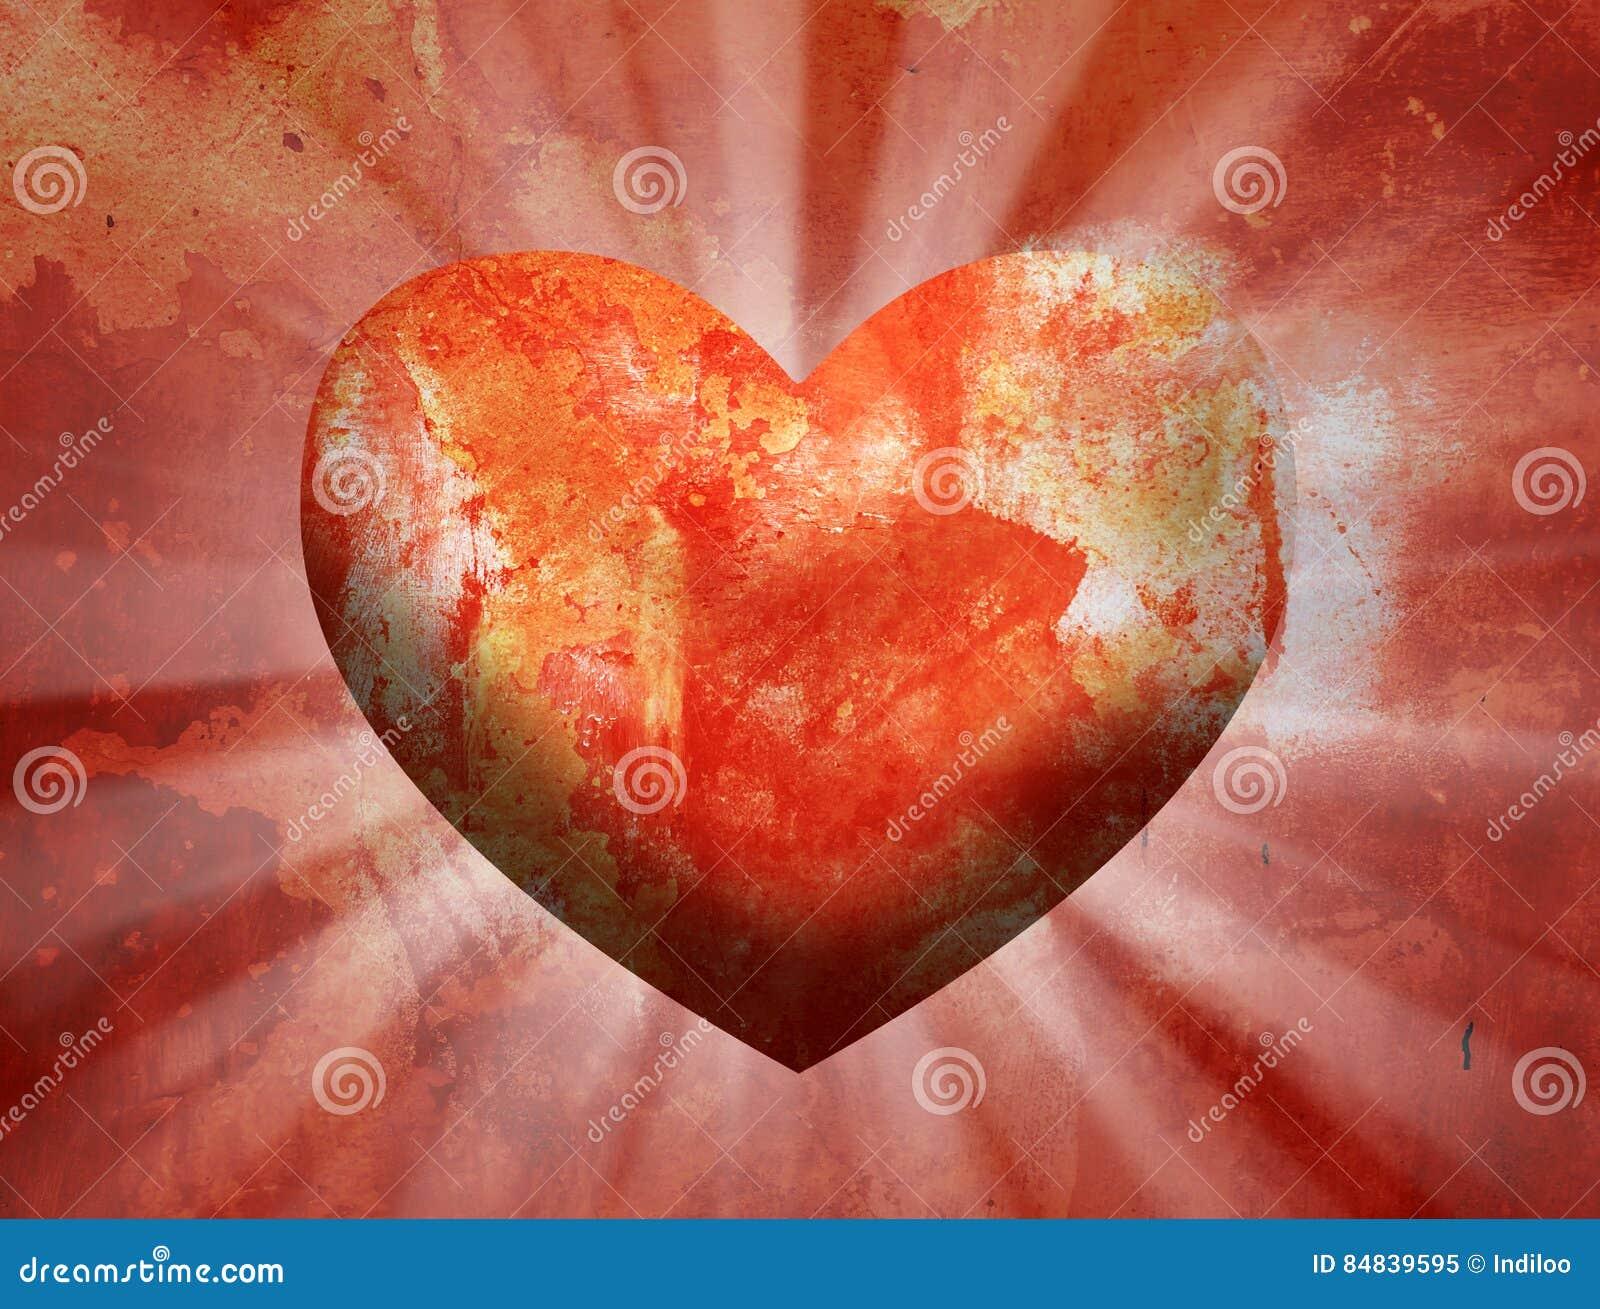 Coeur d 39 amour je t 39 aime image stock image du sant 84839595 - Ceour d amour ...